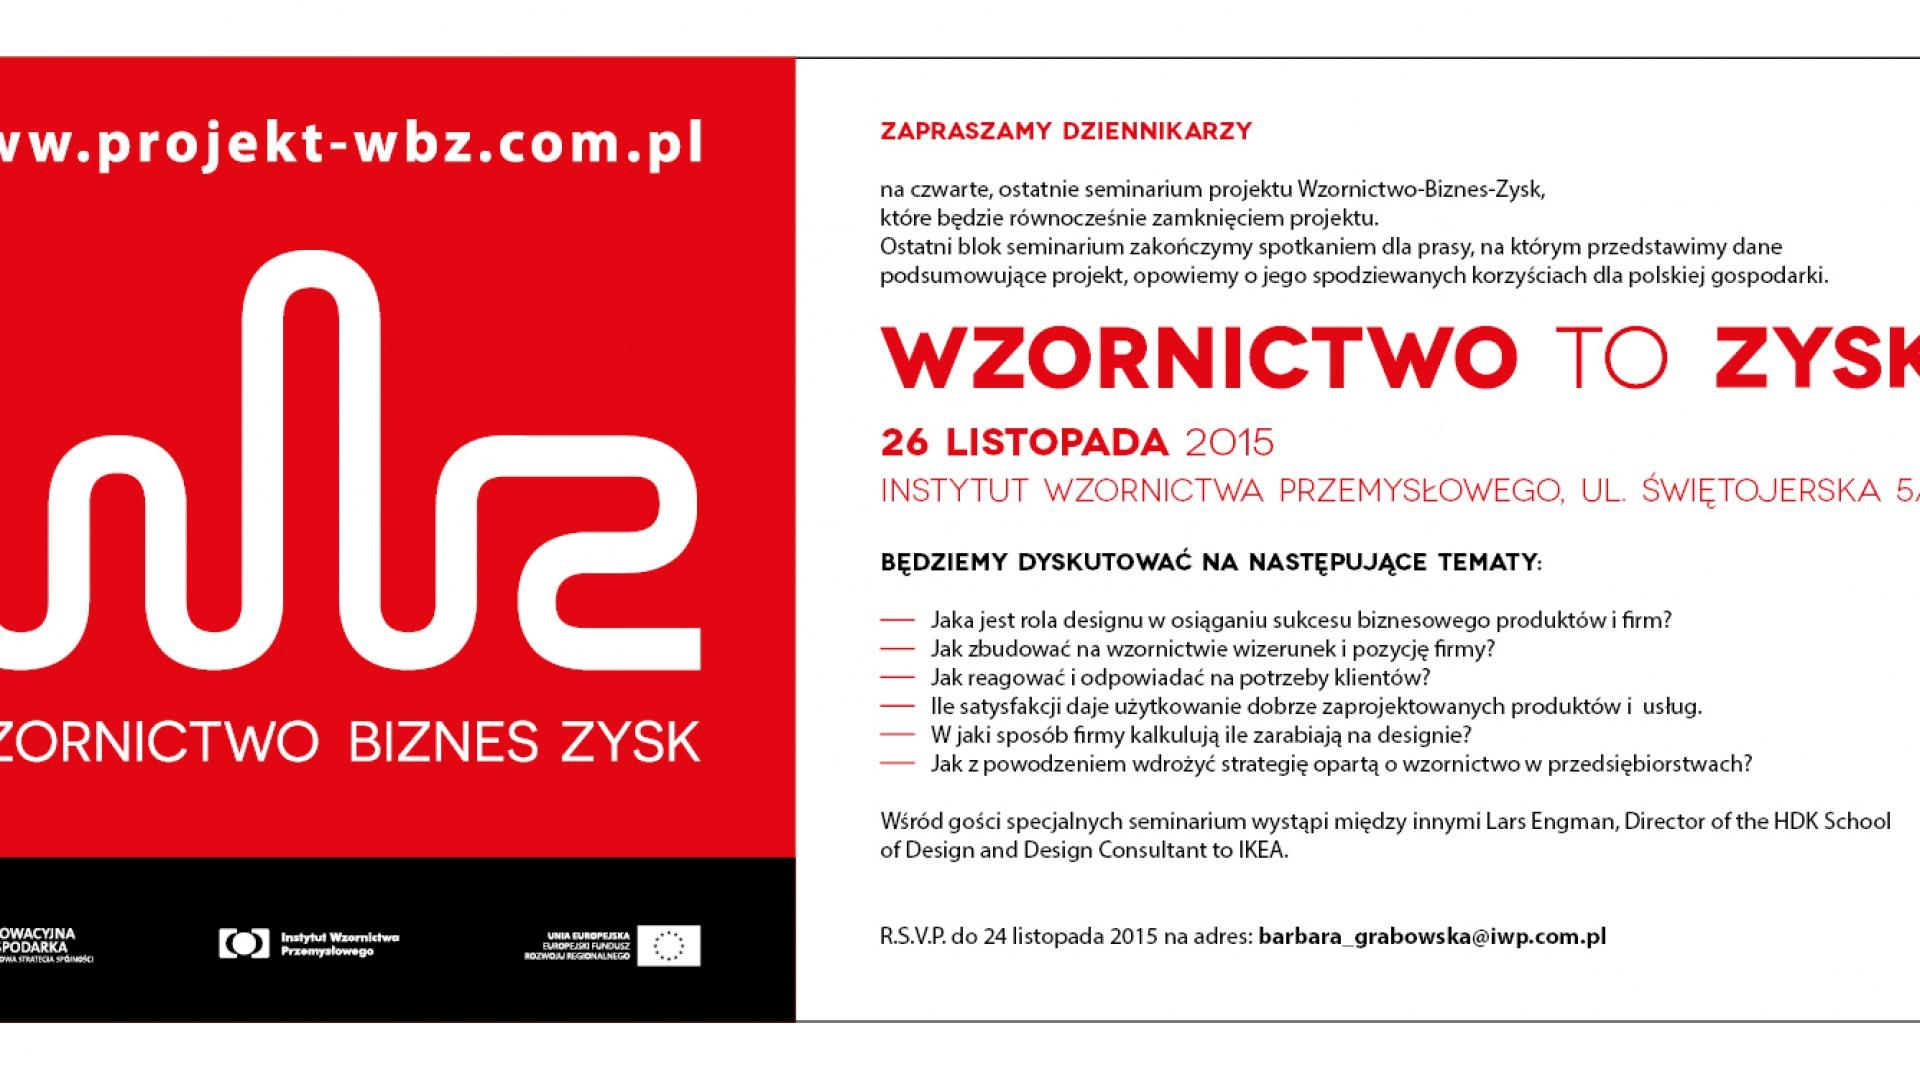 Organizatorem seminarium Wzornictwo-Biznes-Zysk jest Instytut Wzornictwa Przemysłowego.